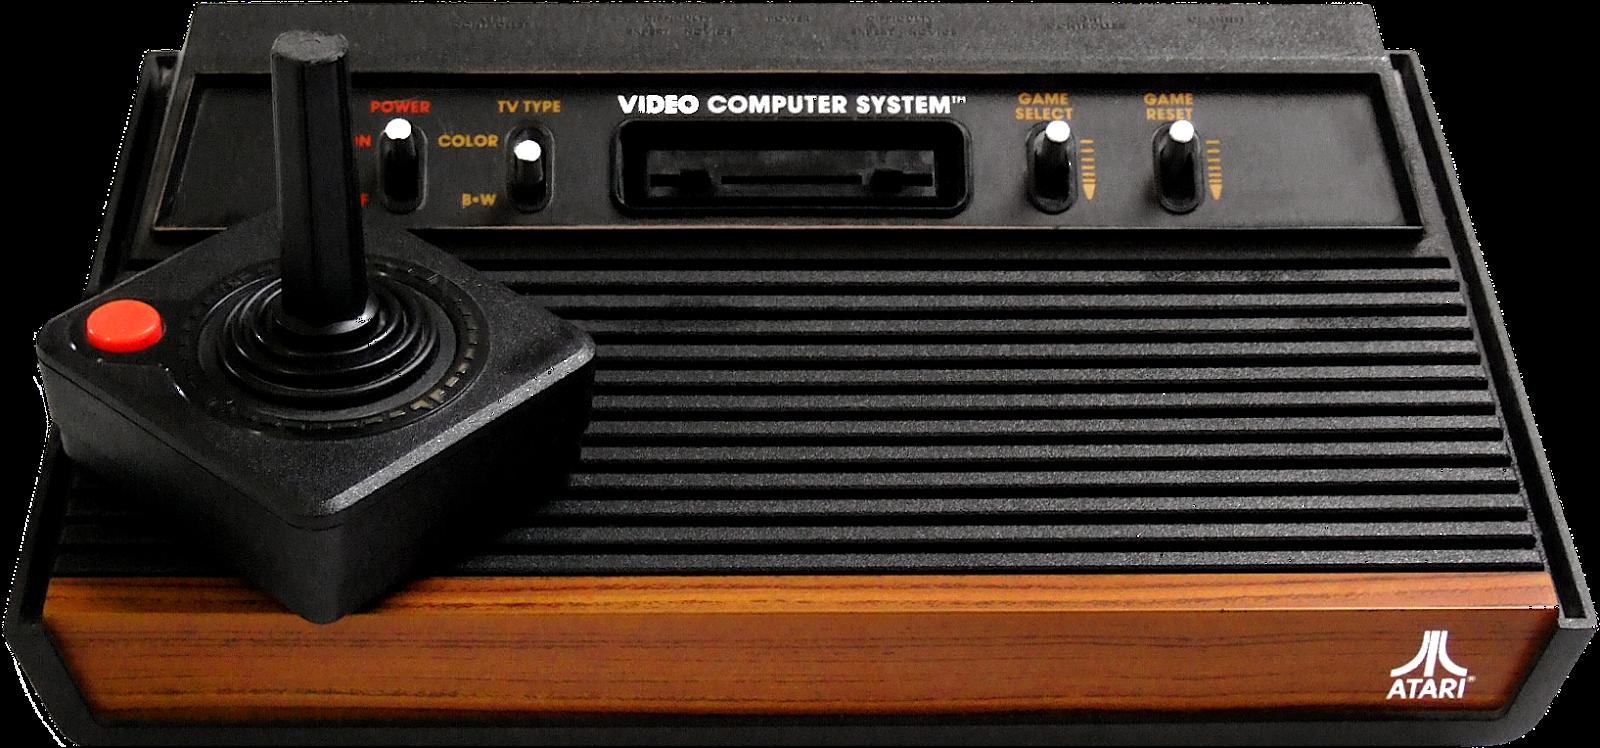 1977 Atari2600 Atari Atari 2600 Games Bad Video